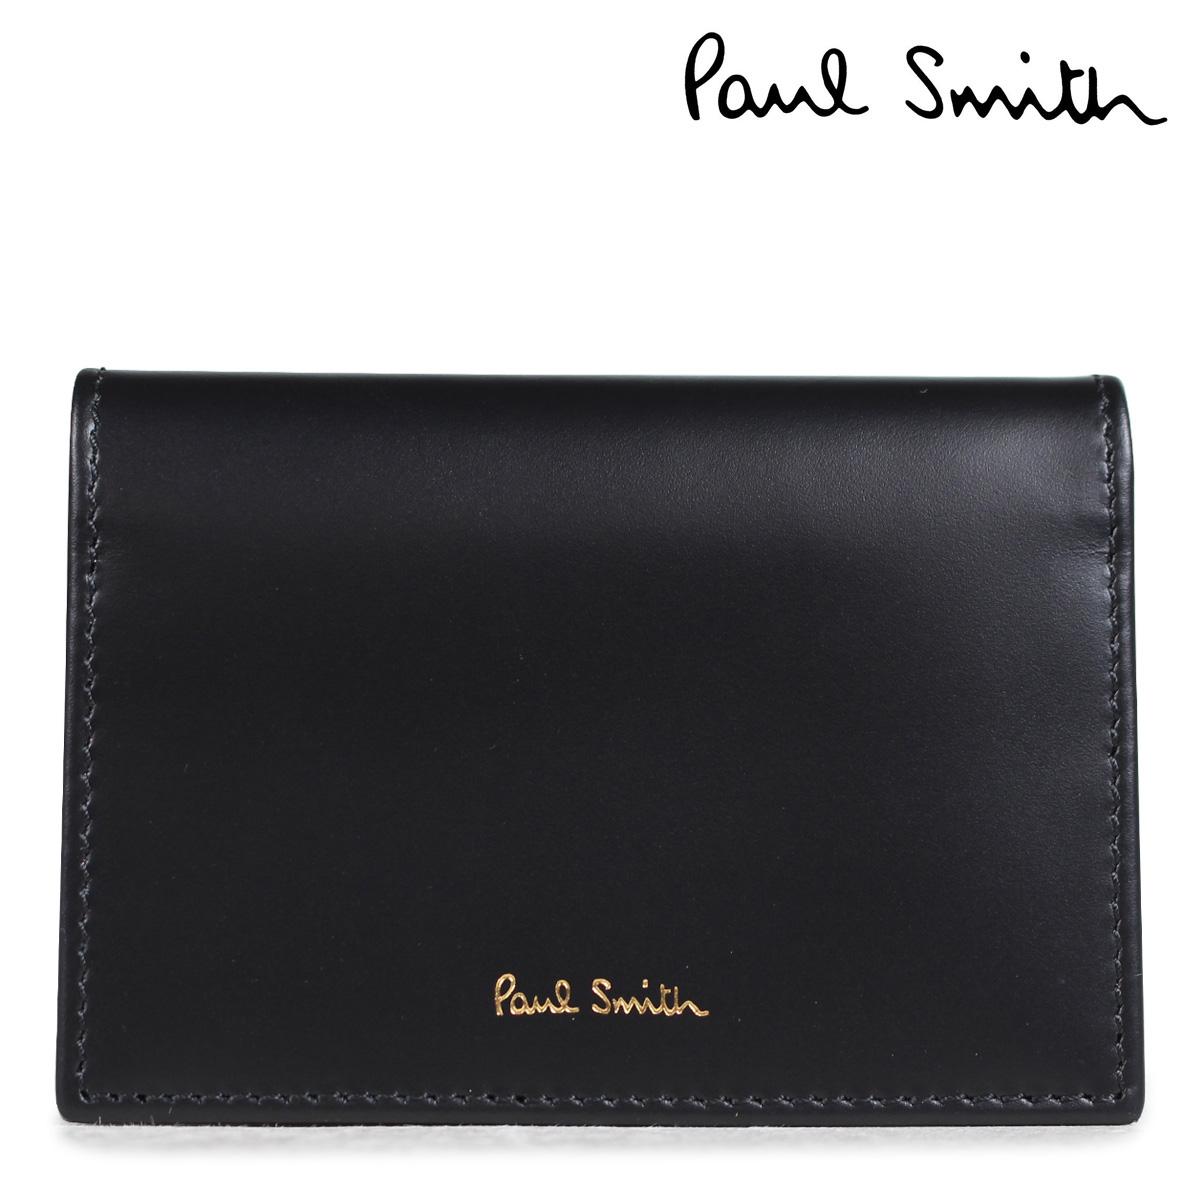 ポールスミス 名刺入れ メンズ カードケース Paul Smith FOLD OVER CREDIT CARD CASE 4776 W761A 79 ブラック